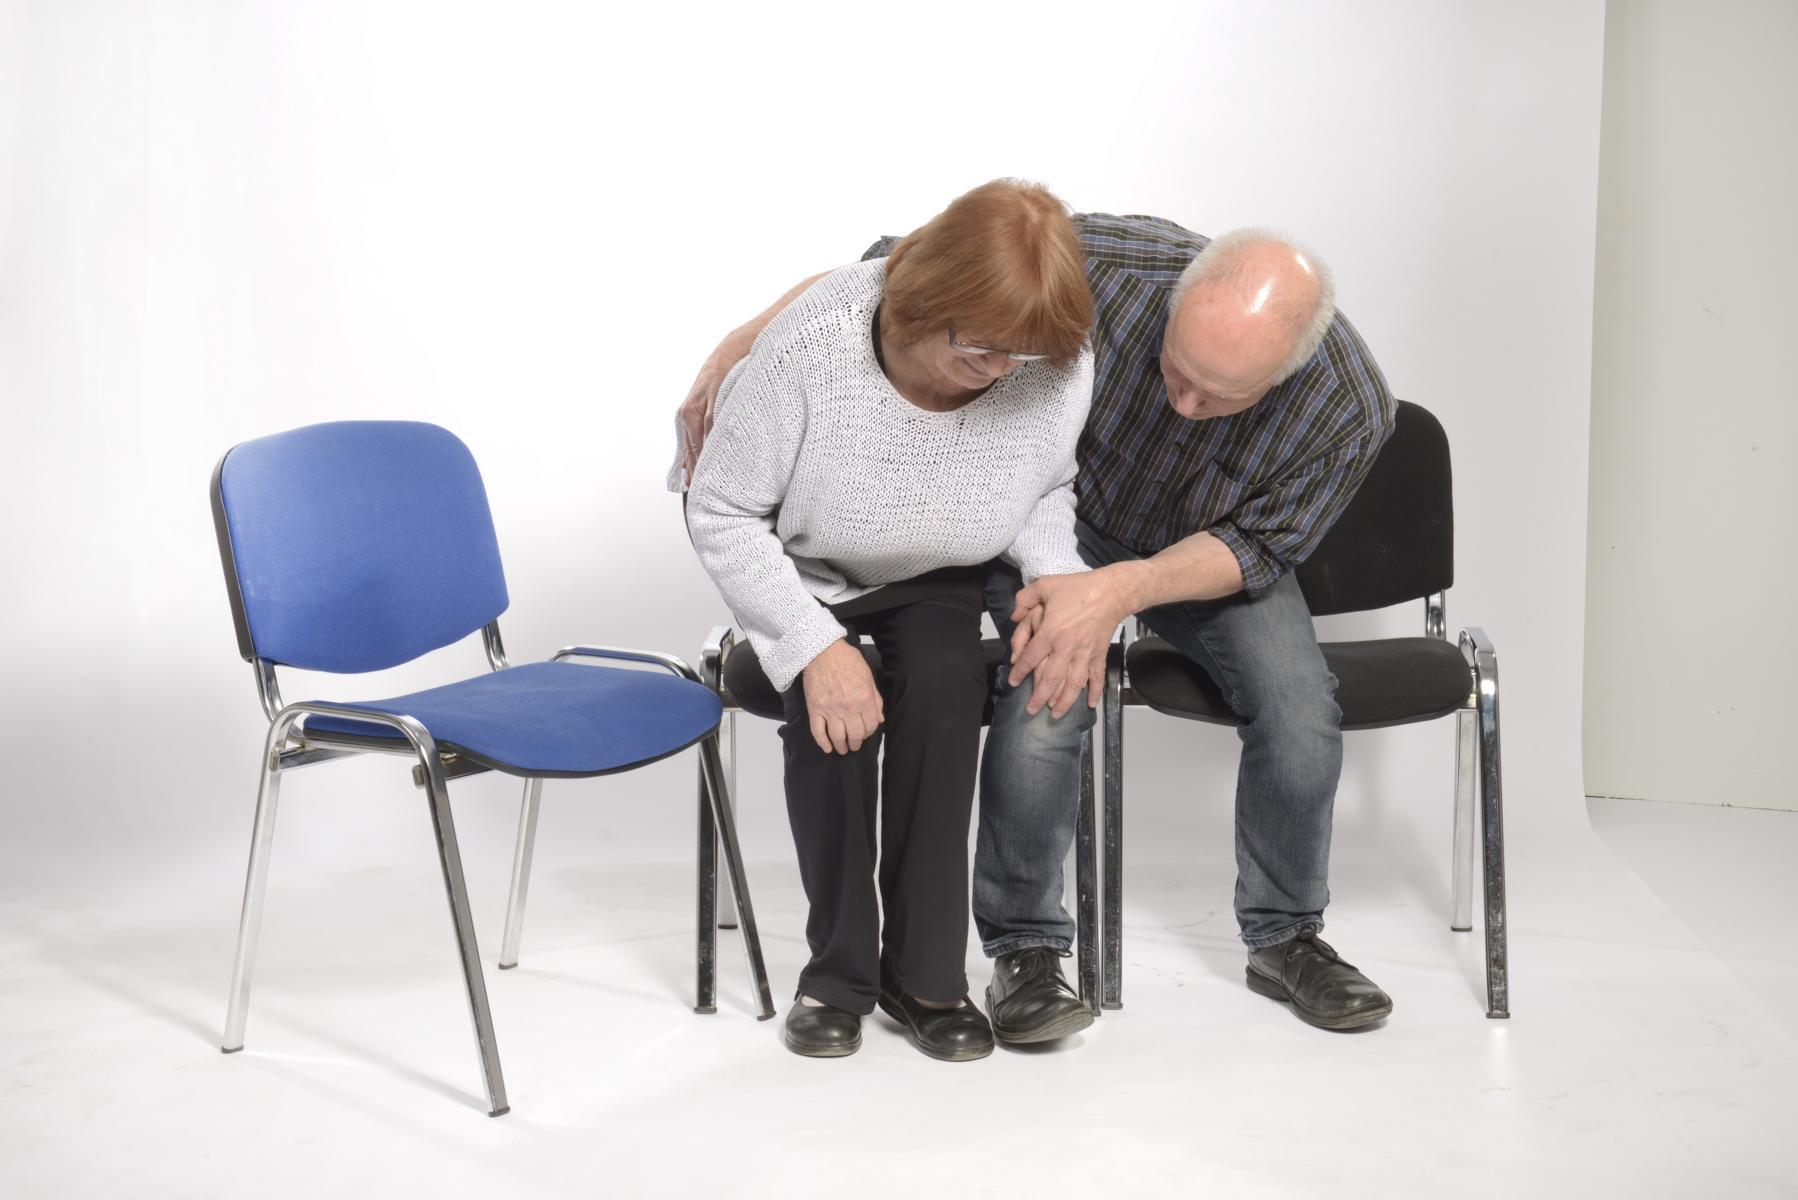 4. Wenn das Gewicht auf den Beinen liegt, leitet die Pflegekraft mit einem Druckimpuls über Ihr Becken die  Bewegung zu Seite ein.